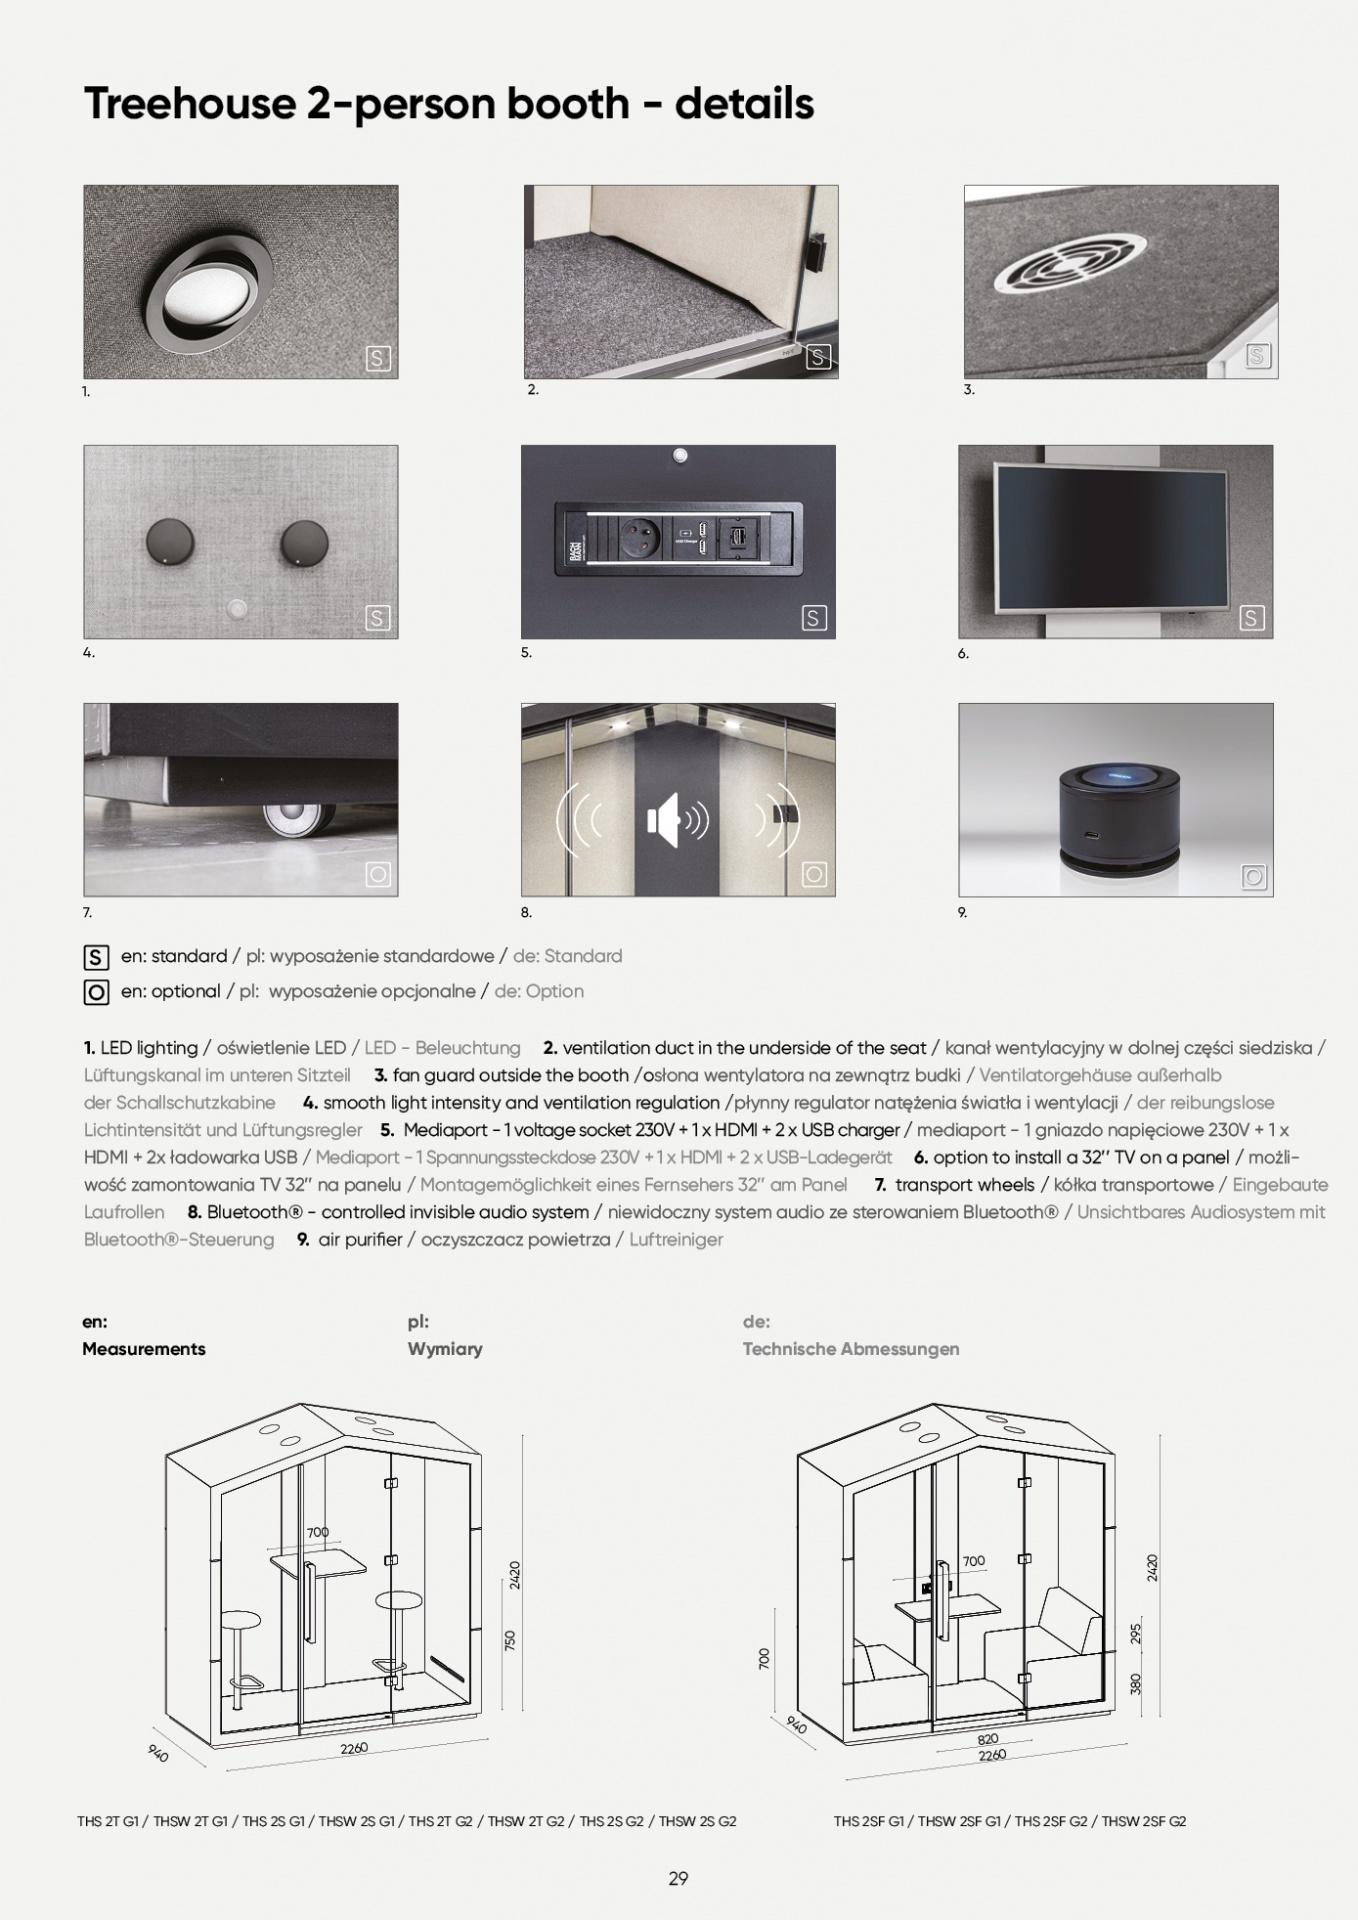 treehouse-catalogue-29.jpg